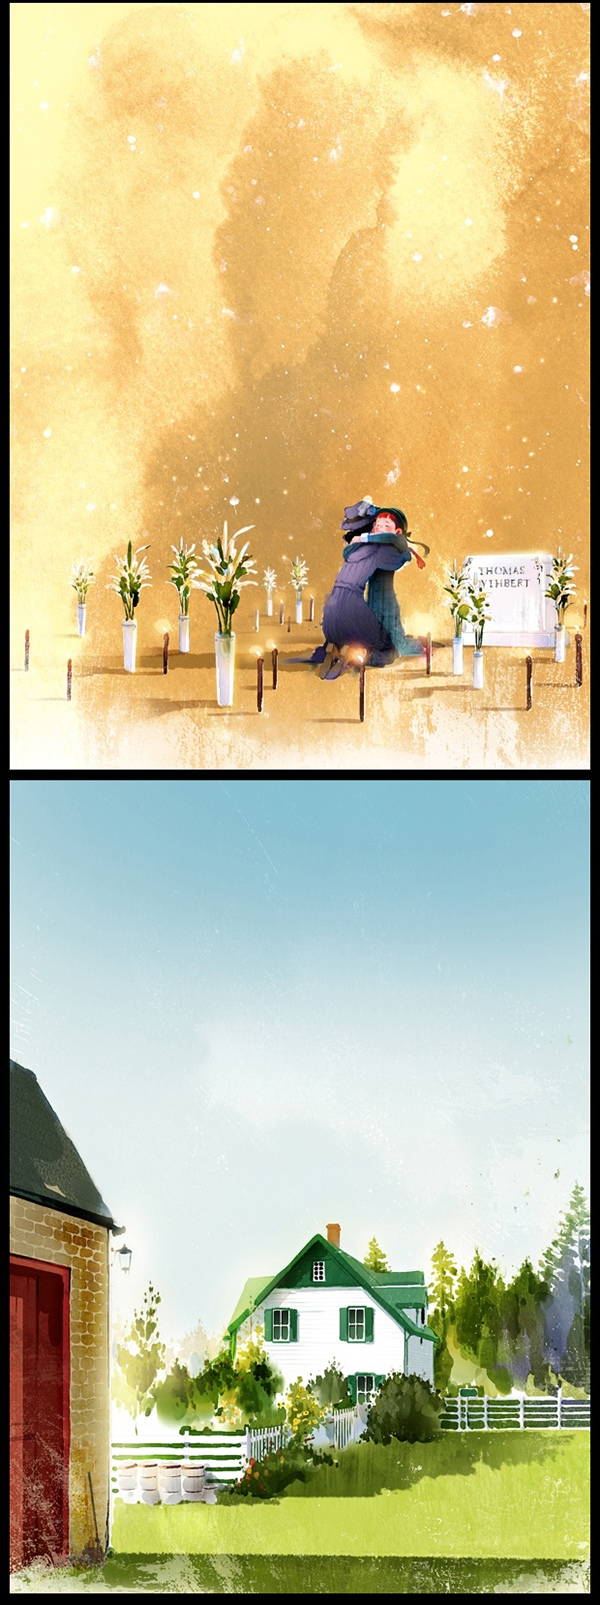 Kim Ji-Hyuk, Anne of green gables, Anne la maison aux pignons verts, l'île du Prince Edouard, Canada, Anne avec un e, illustration, auteur, artiste, artiste coréen, Corée, matthew cuthbert, Marilla cuthbert, Anne Shirley, Gilbert Blythe